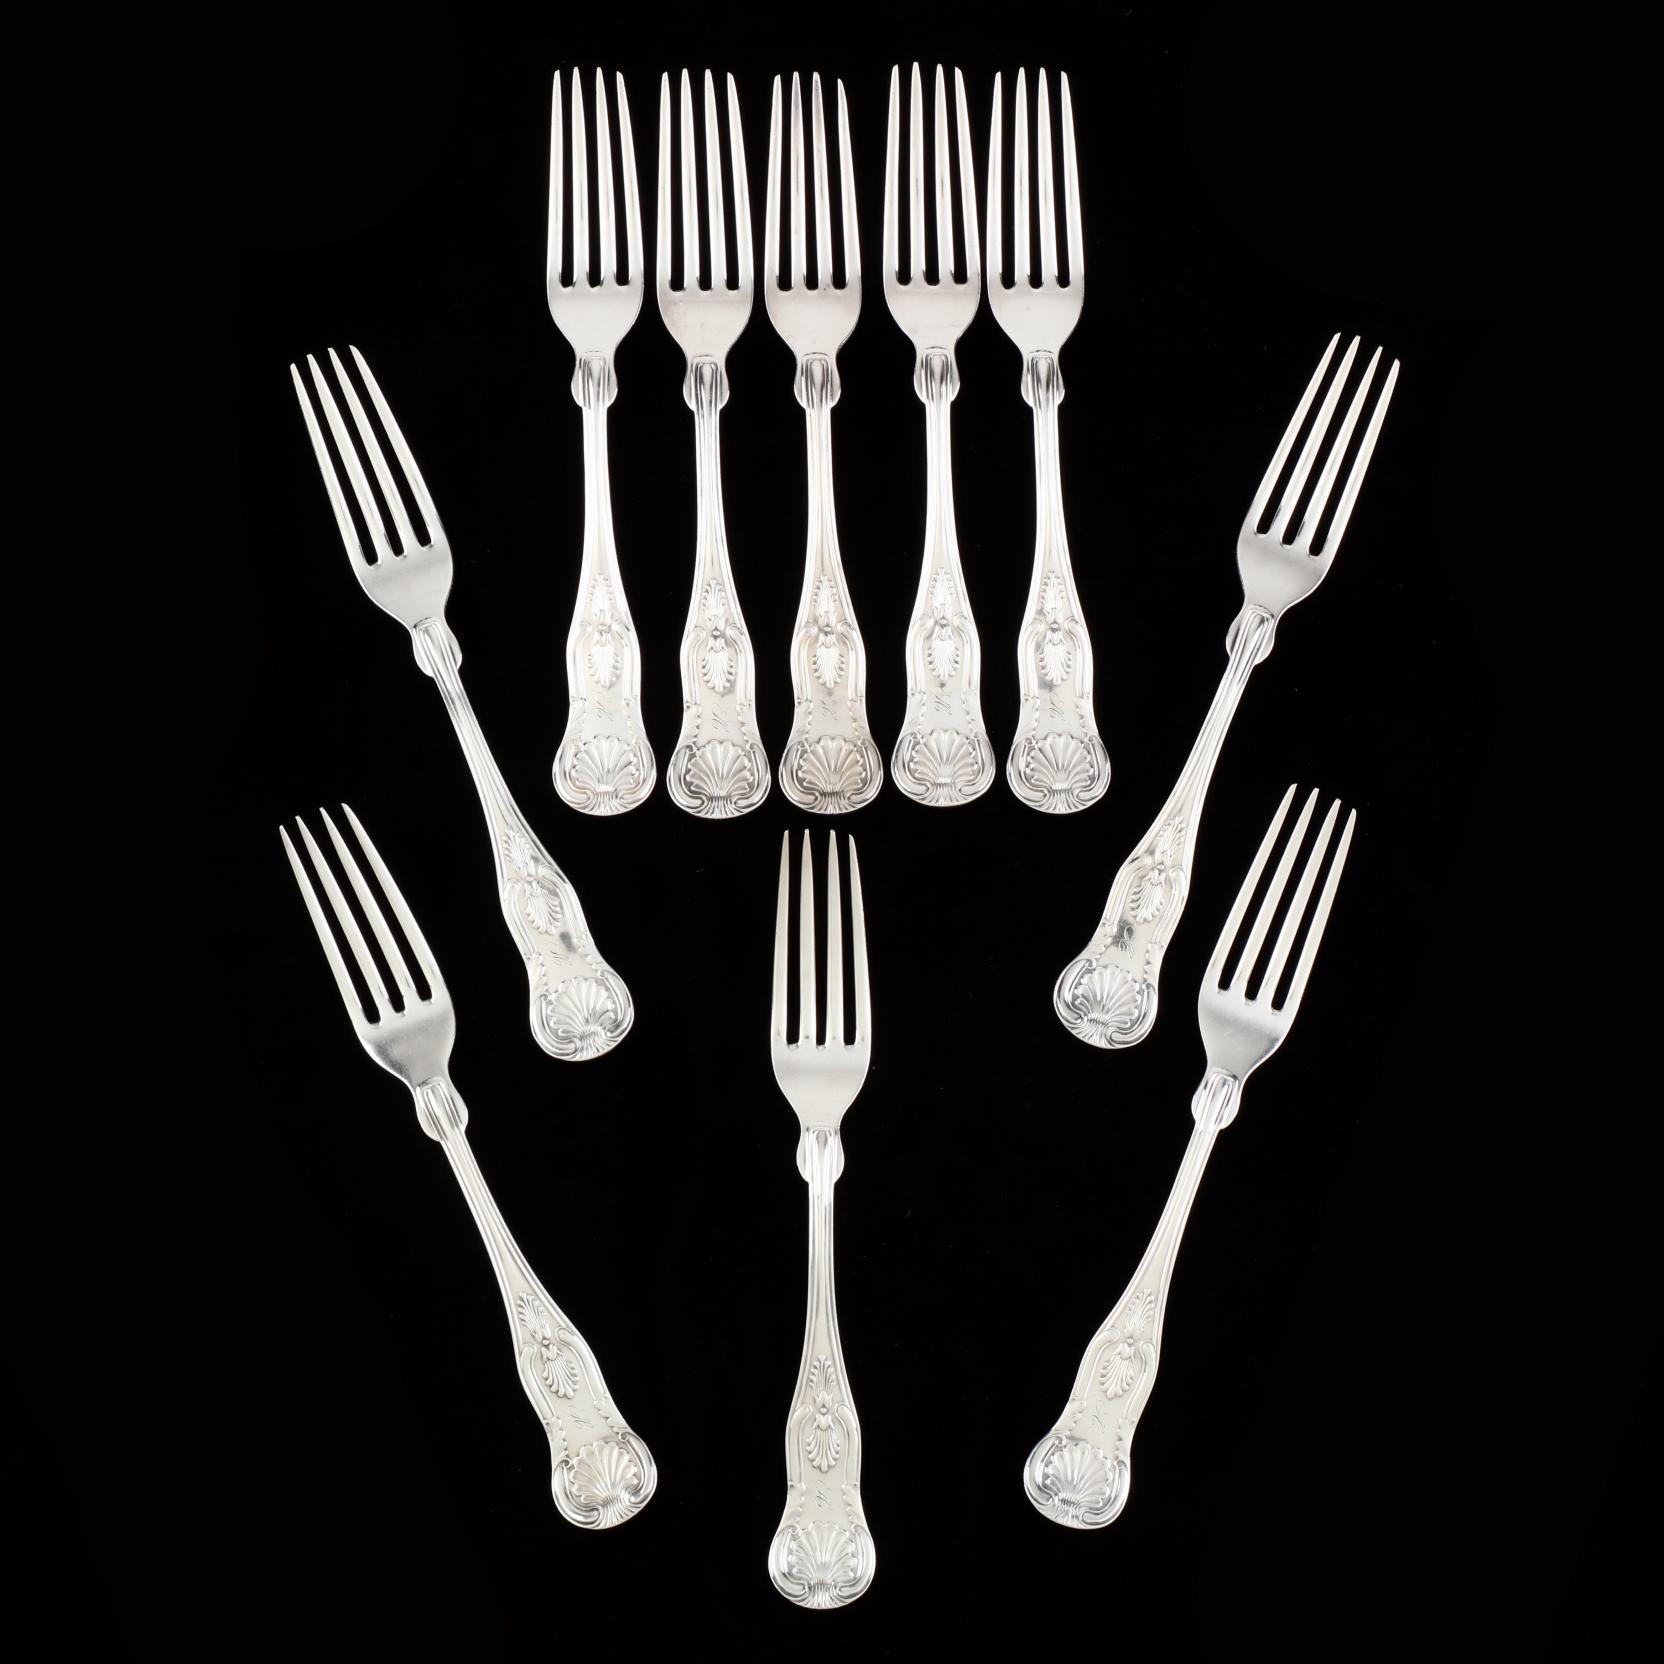 a-set-of-ten-sterling-silver-kings-pattern-forks